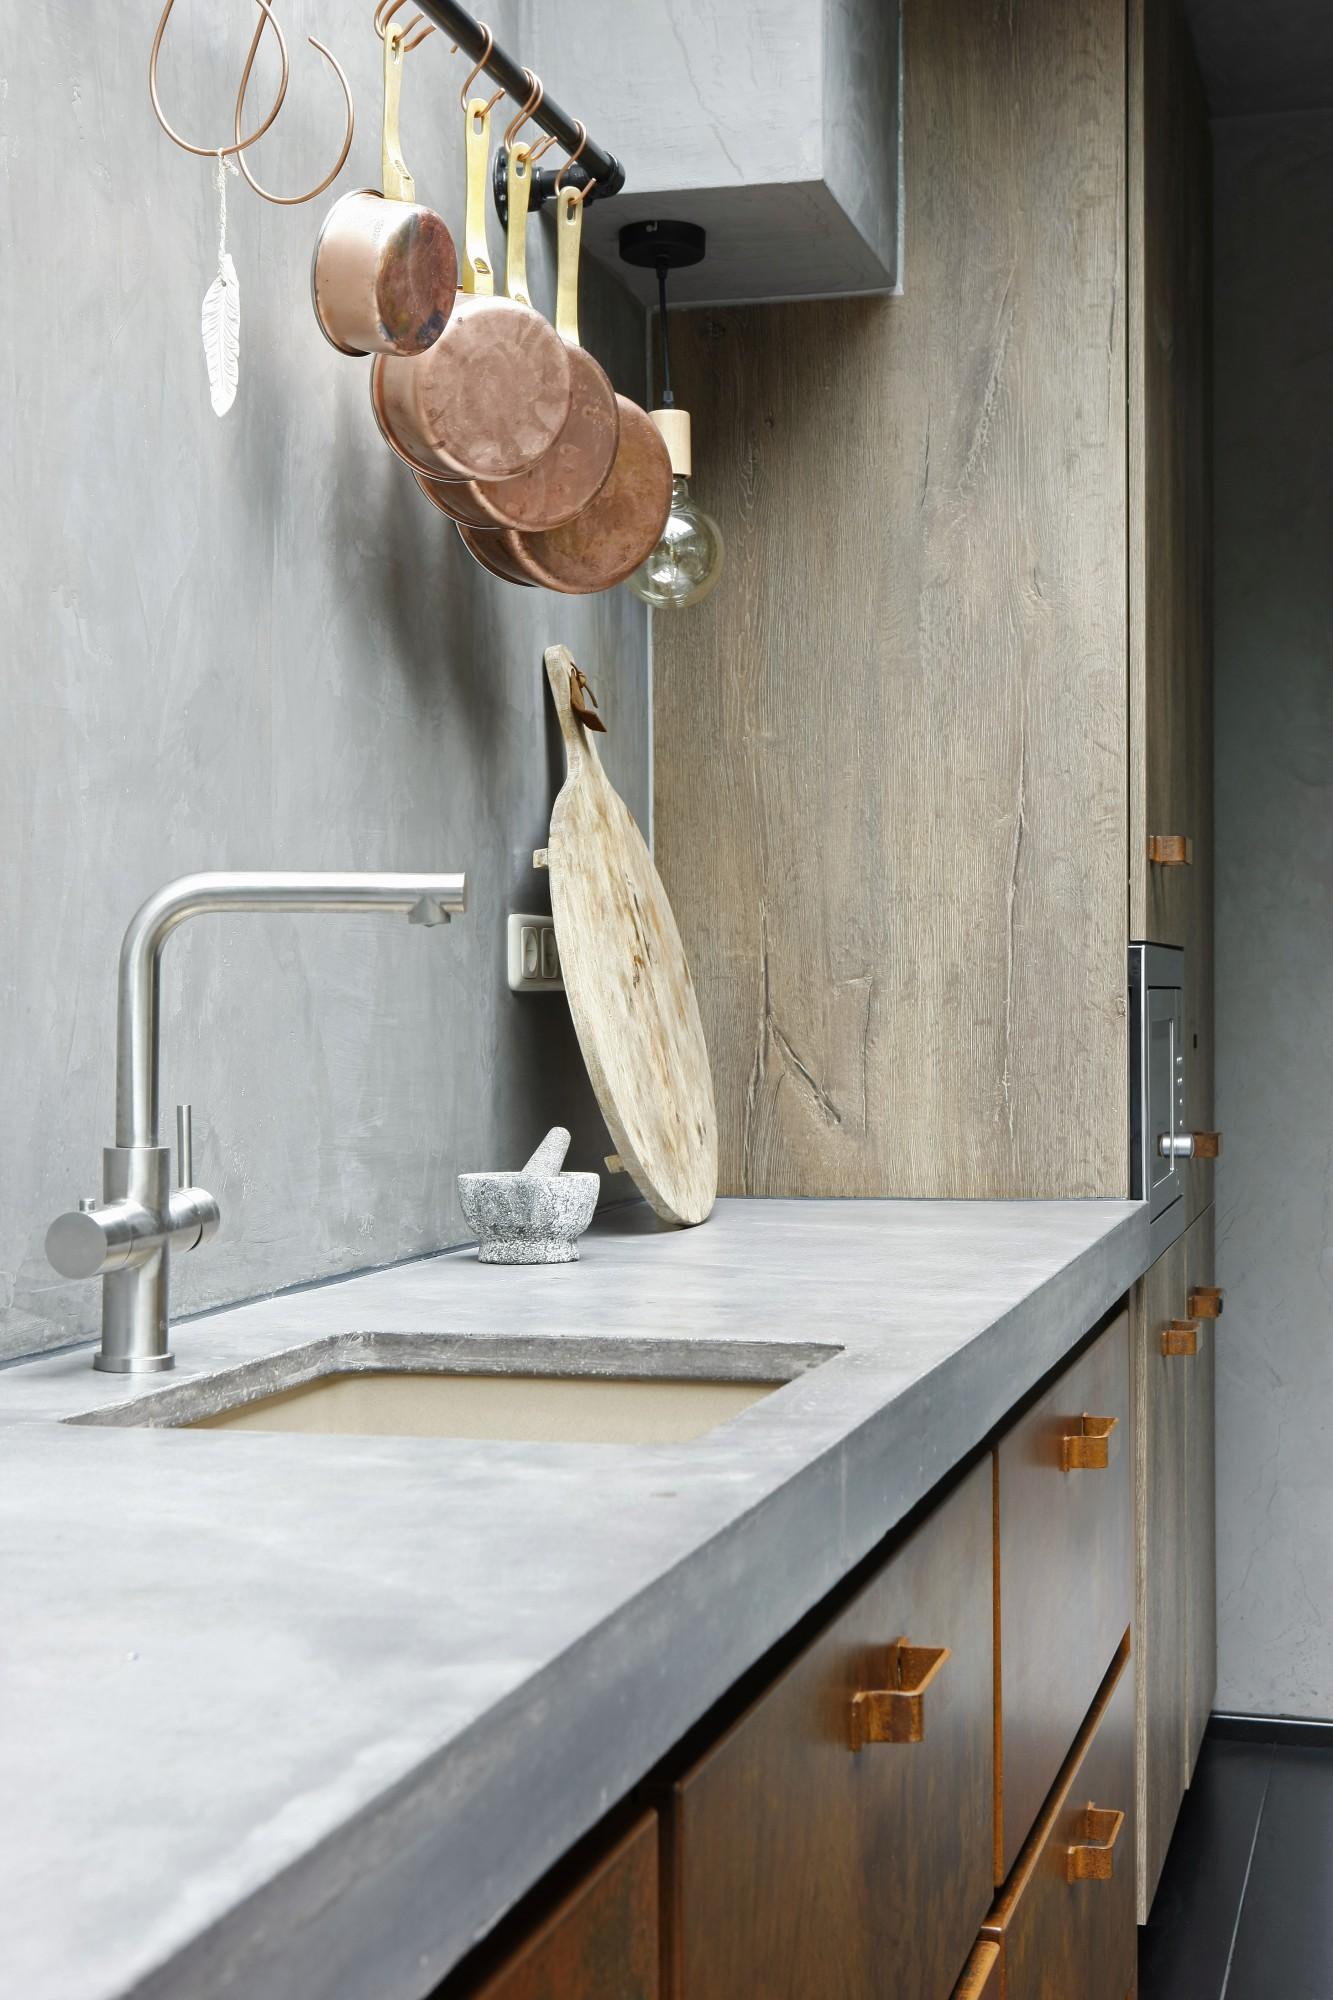 Keuken van geroest staal, beton en gerookt eikenhout in landelijke sfeer. Kraan met warm koud en kokend water Floww. Jacob Interior keuken Maarn